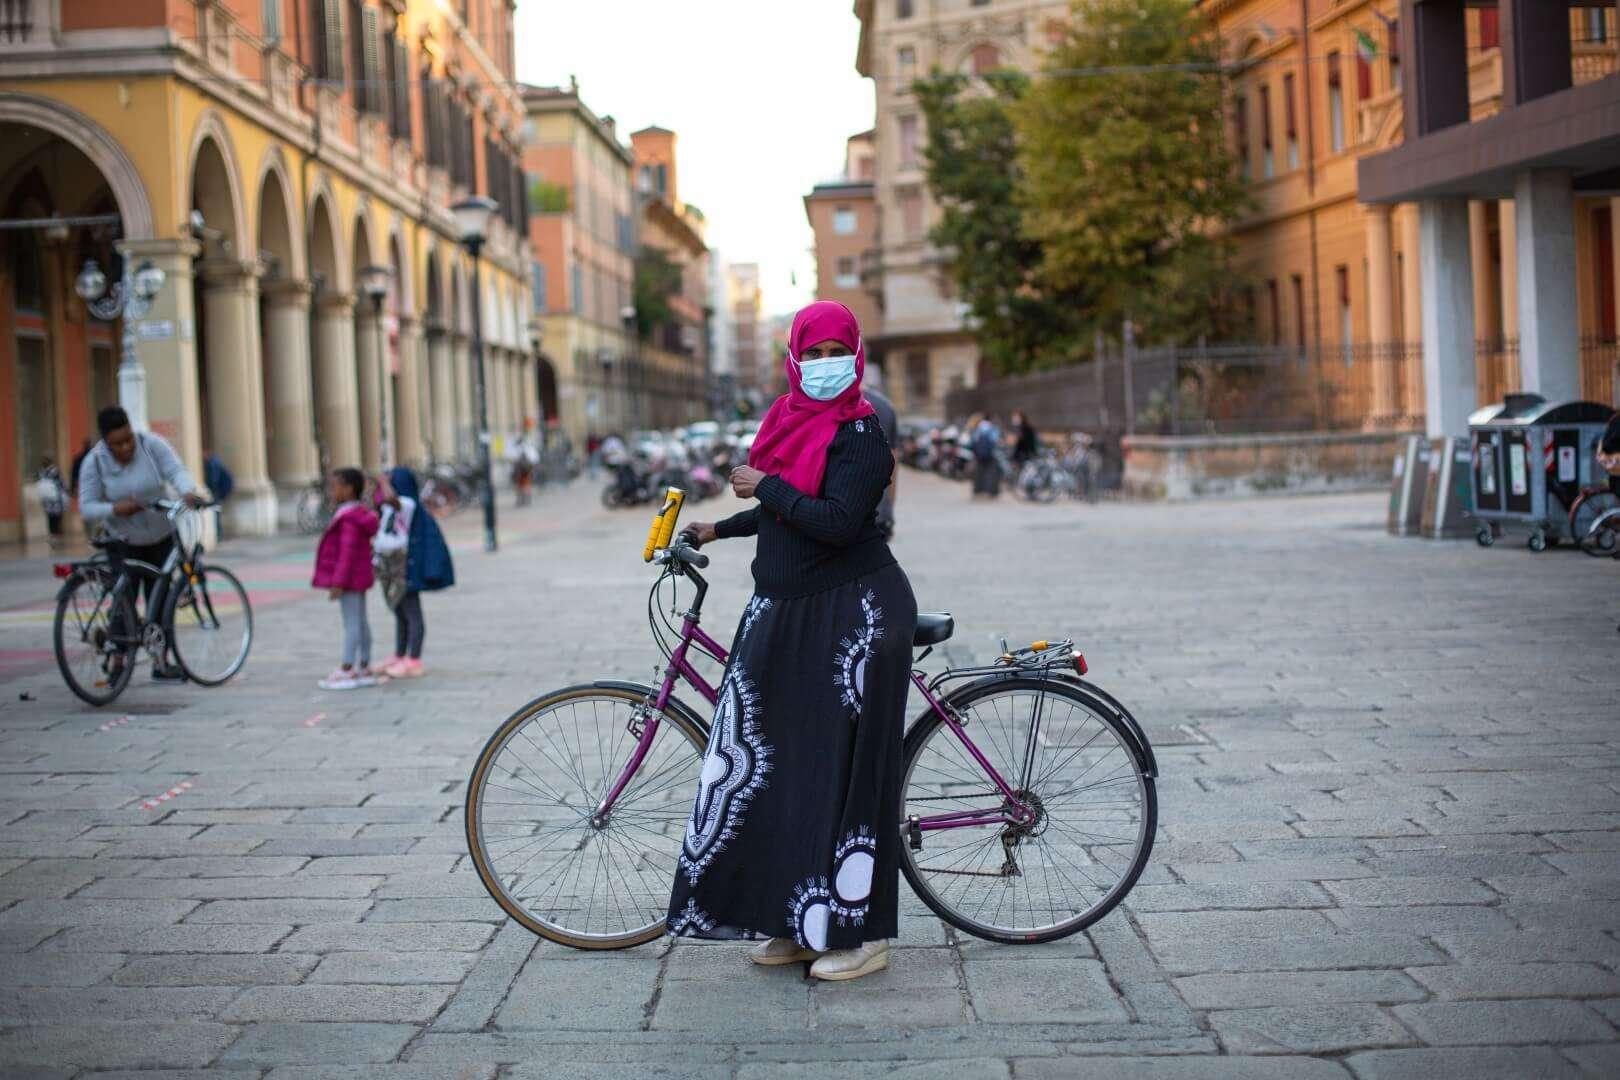 A Bologna è ancora estate di tregua dal covid: con il progetto Biciliberatutte presentato a Visioni a Catena, abbiamo insegnato ad andare in bici a 20 donne straniere e migranti. Foto di Max Cavallari